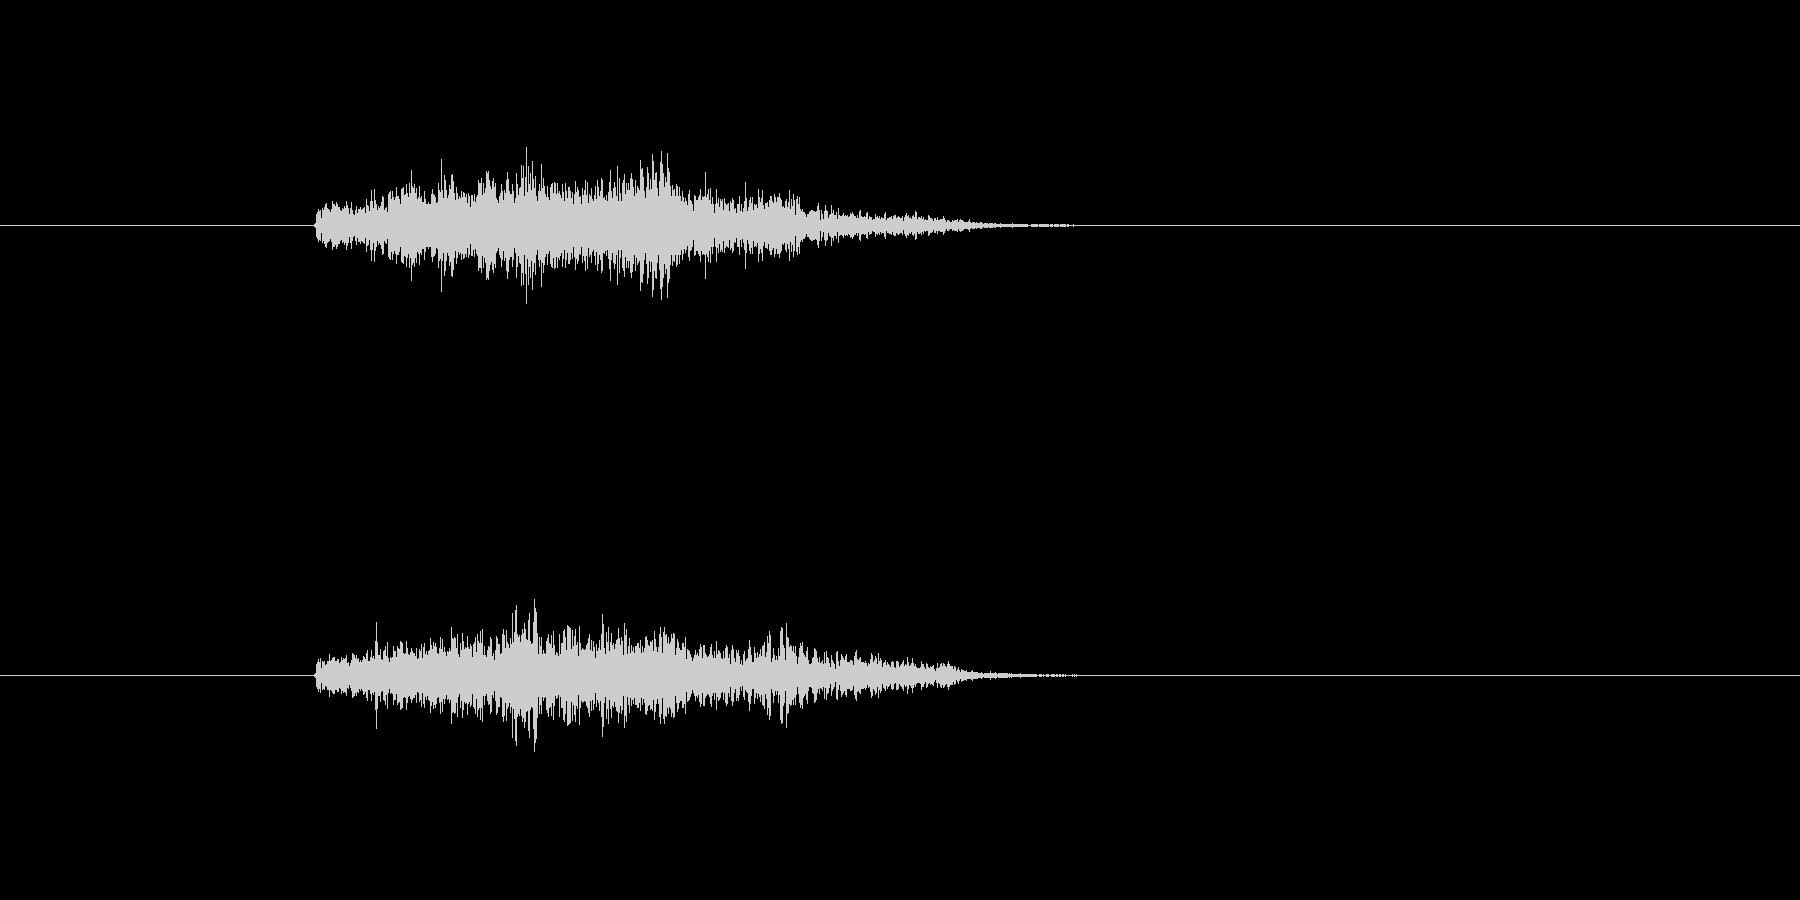 シュワーン ワープ 瞬間移動 ダッシュの未再生の波形